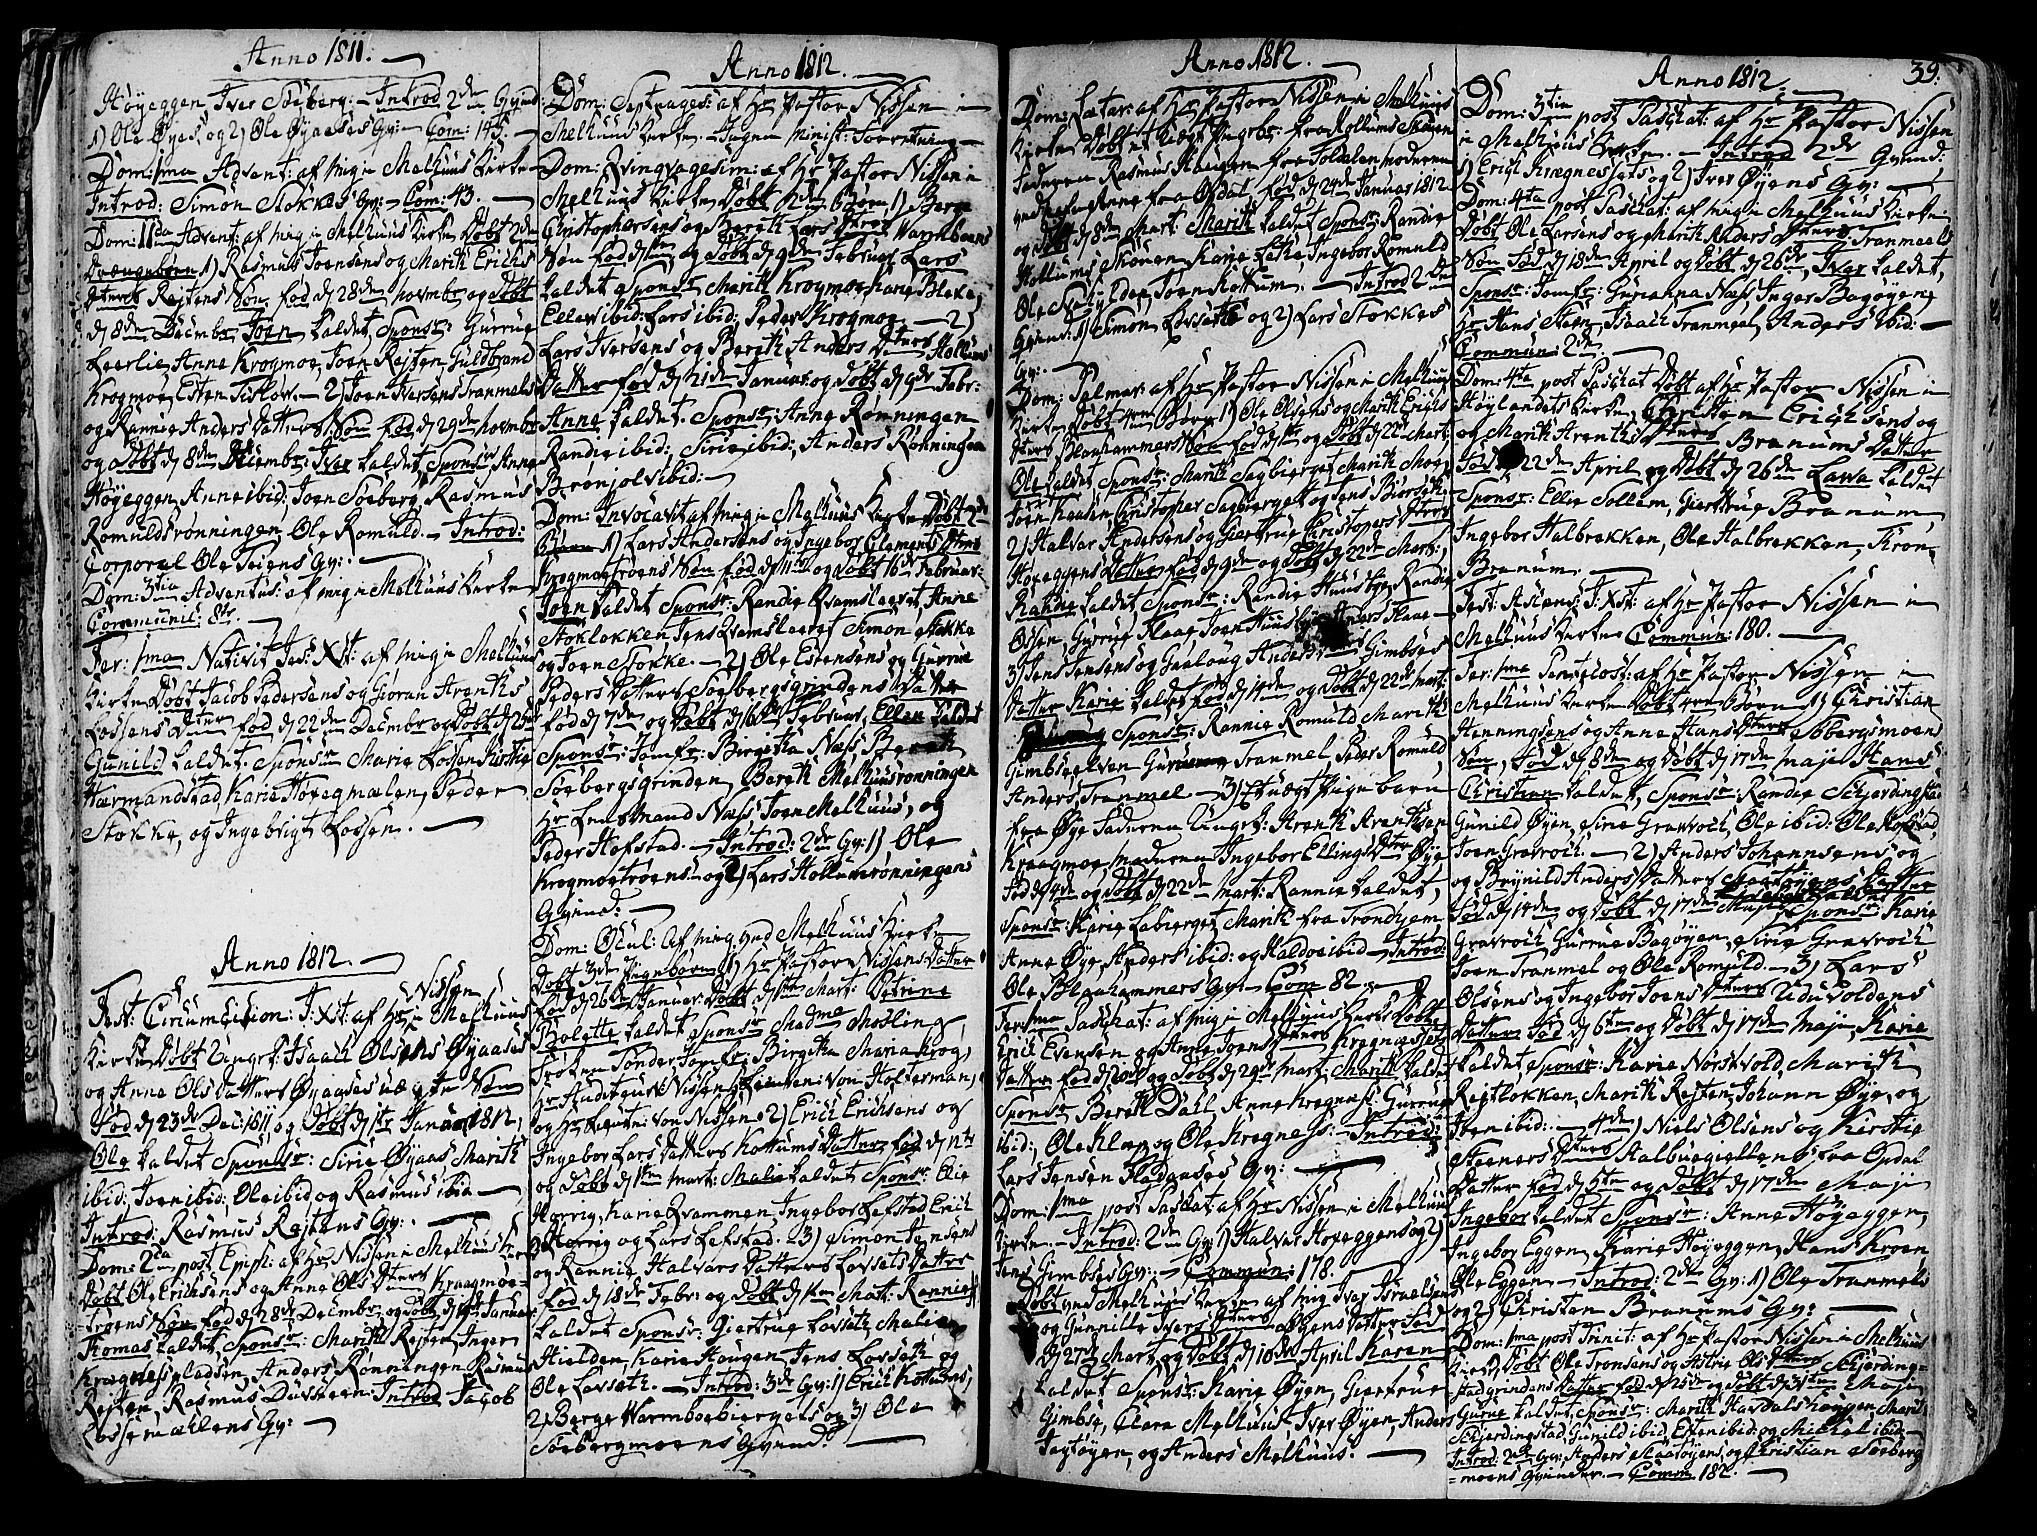 SAT, Ministerialprotokoller, klokkerbøker og fødselsregistre - Sør-Trøndelag, 691/L1061: Ministerialbok nr. 691A02 /1, 1768-1815, s. 39